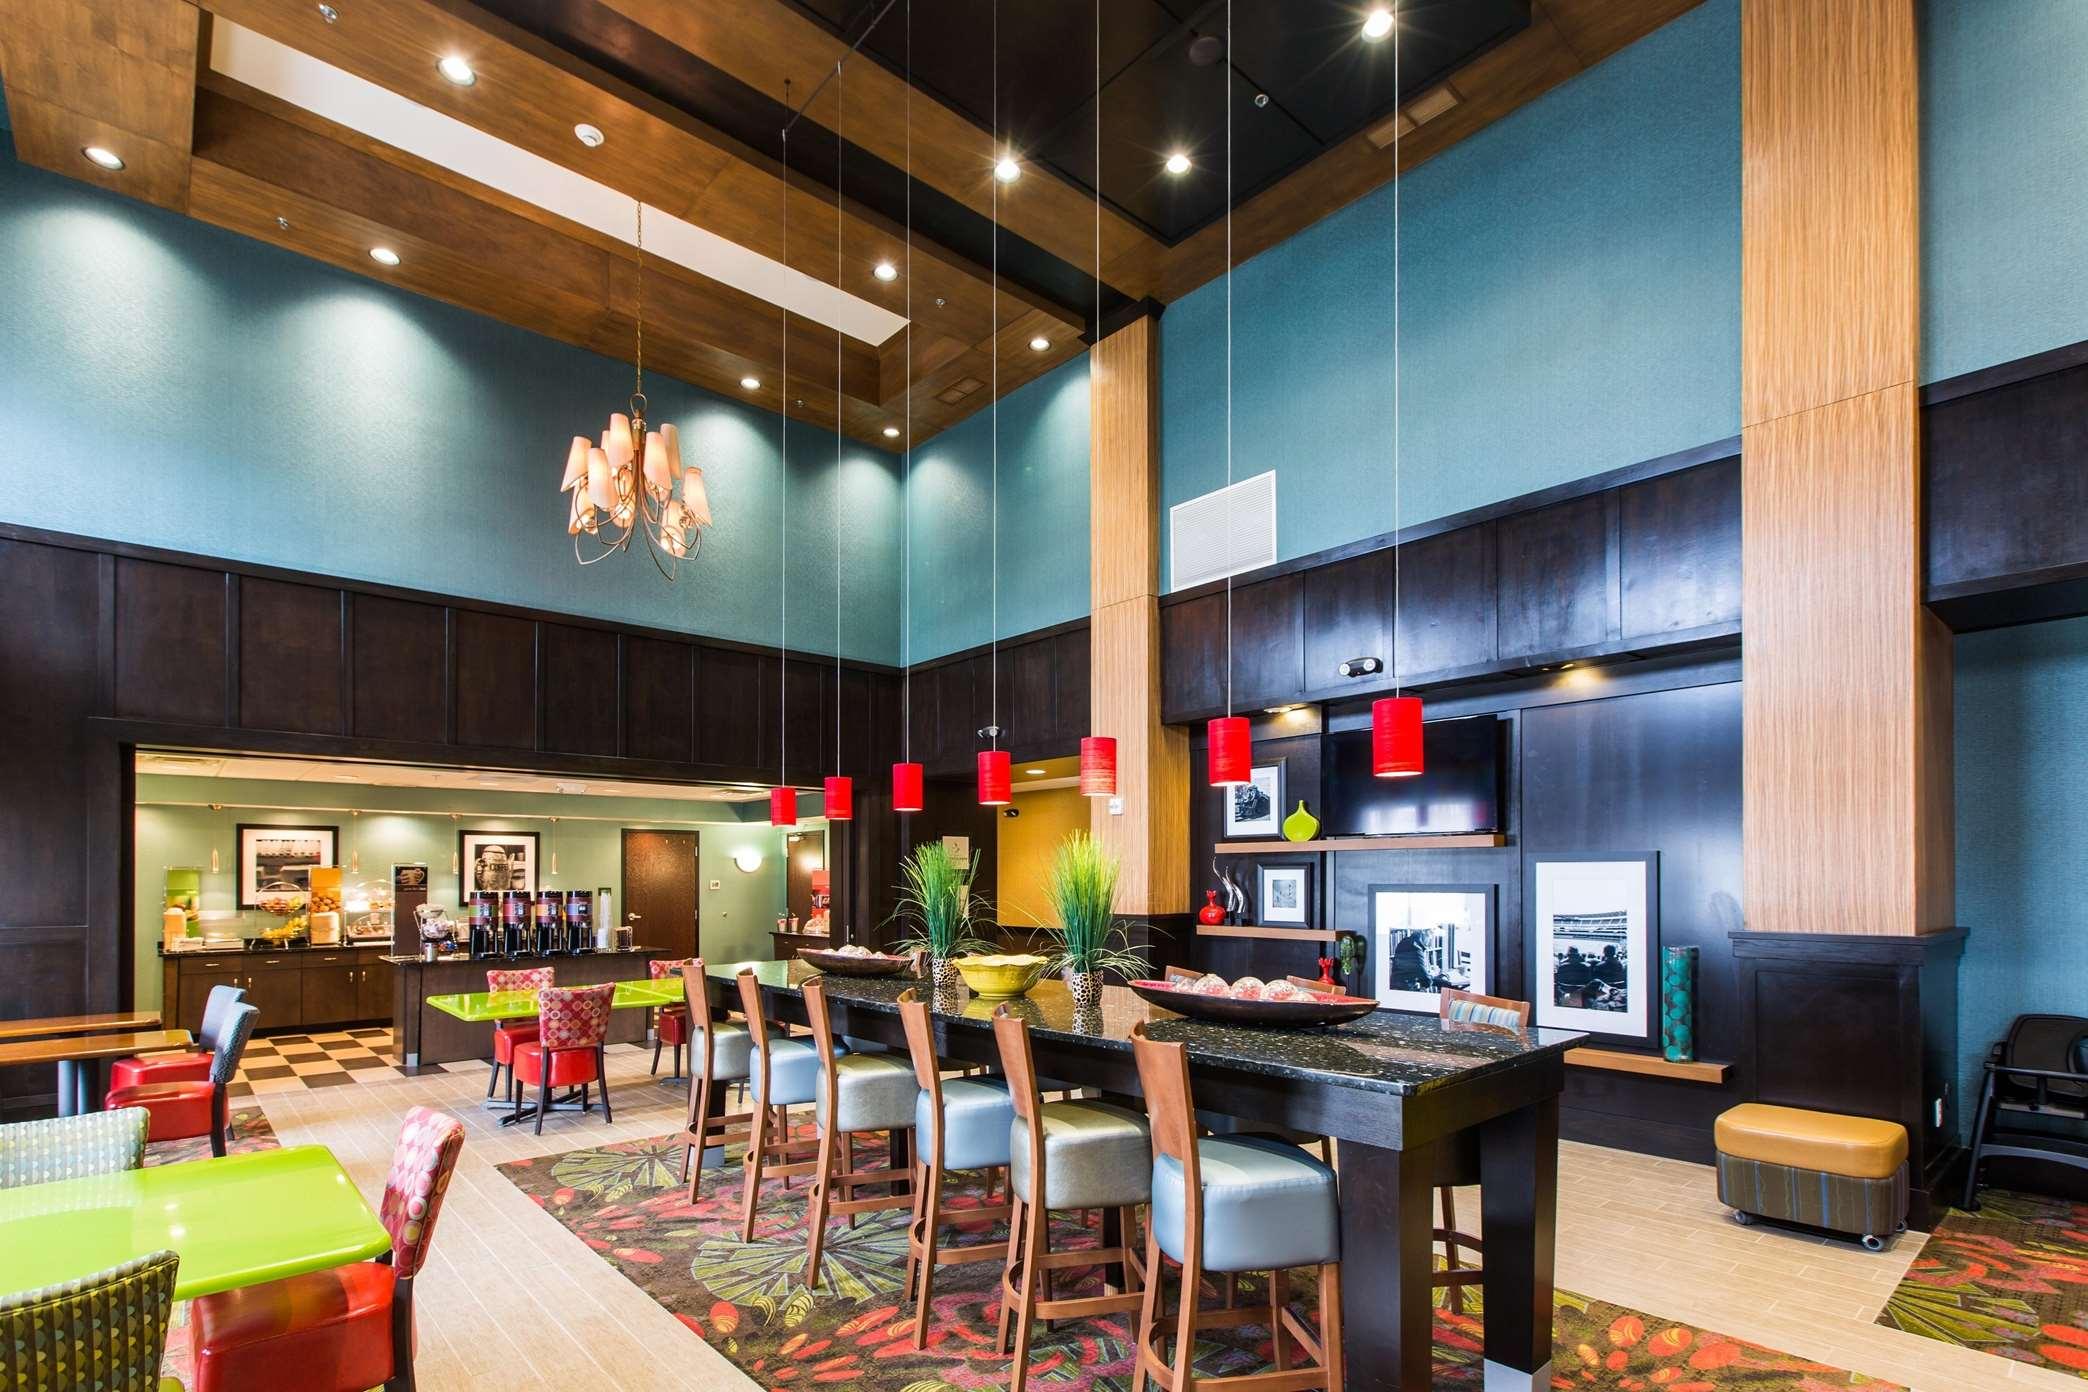 Hampton Inn & Suites Toledo/Westgate image 1